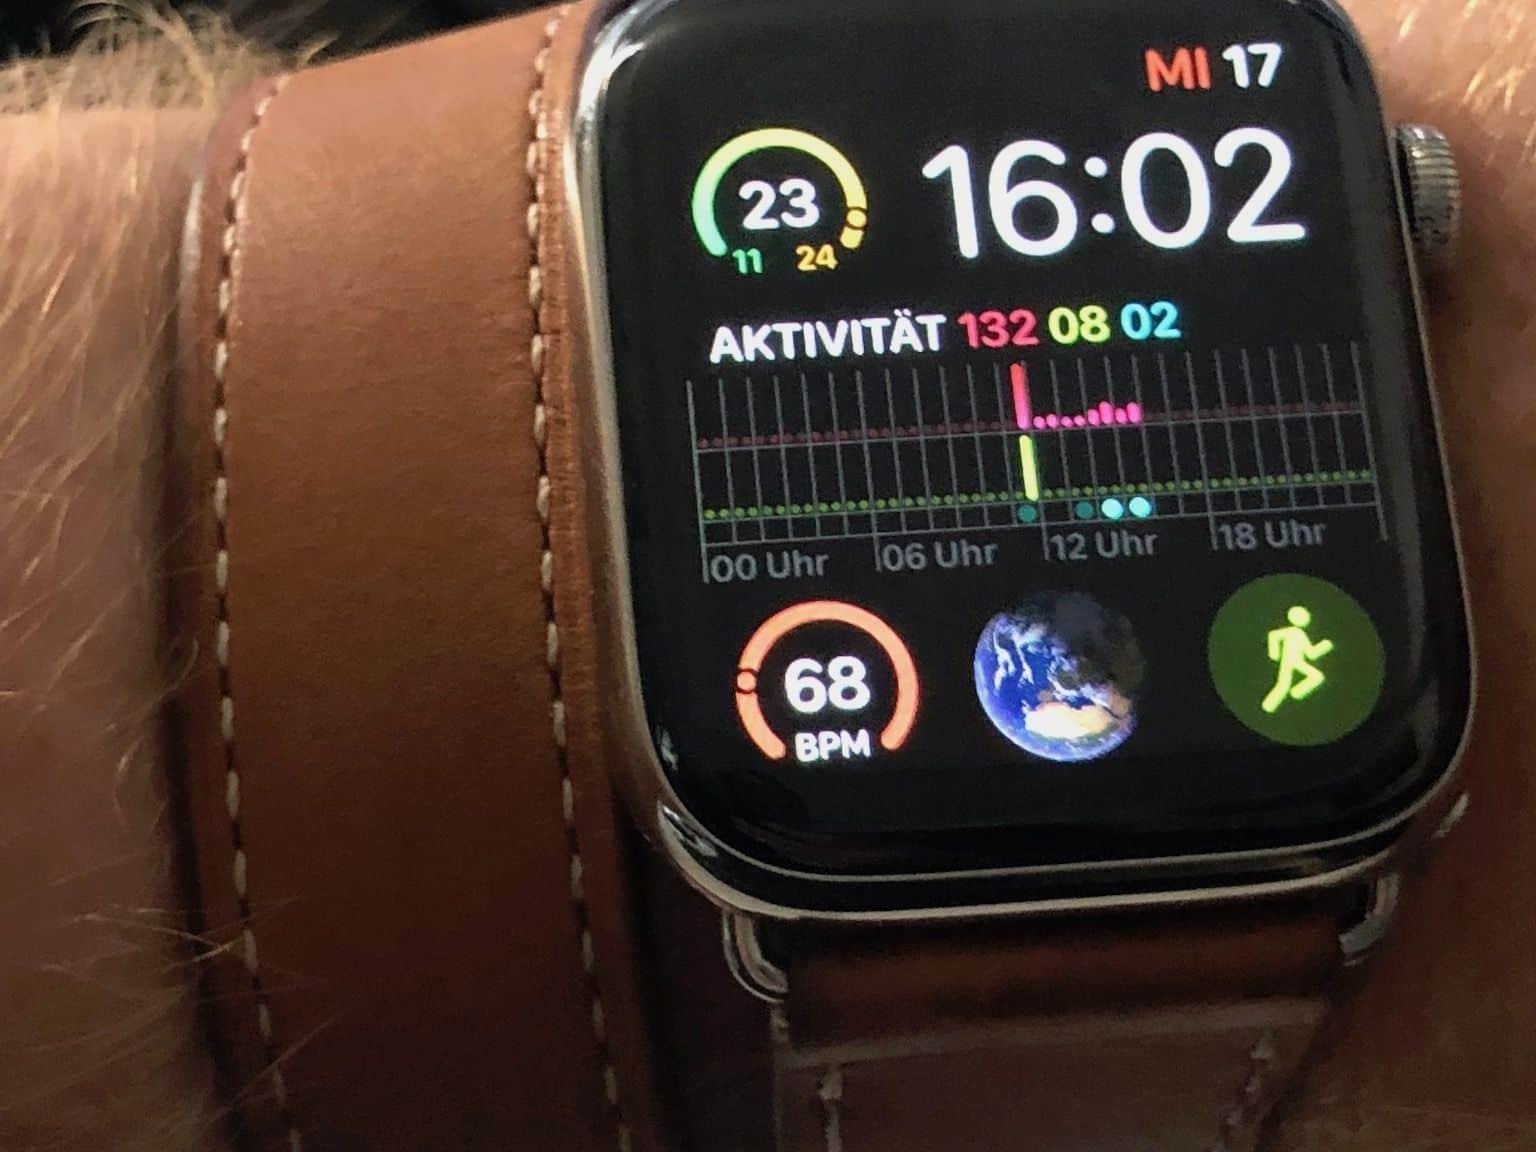 Infograph Modular: Bis zu sechs farbige Apple Watch Komplikationen auf dem Display anzeigen. Foto: Sascha Tegtmeyer